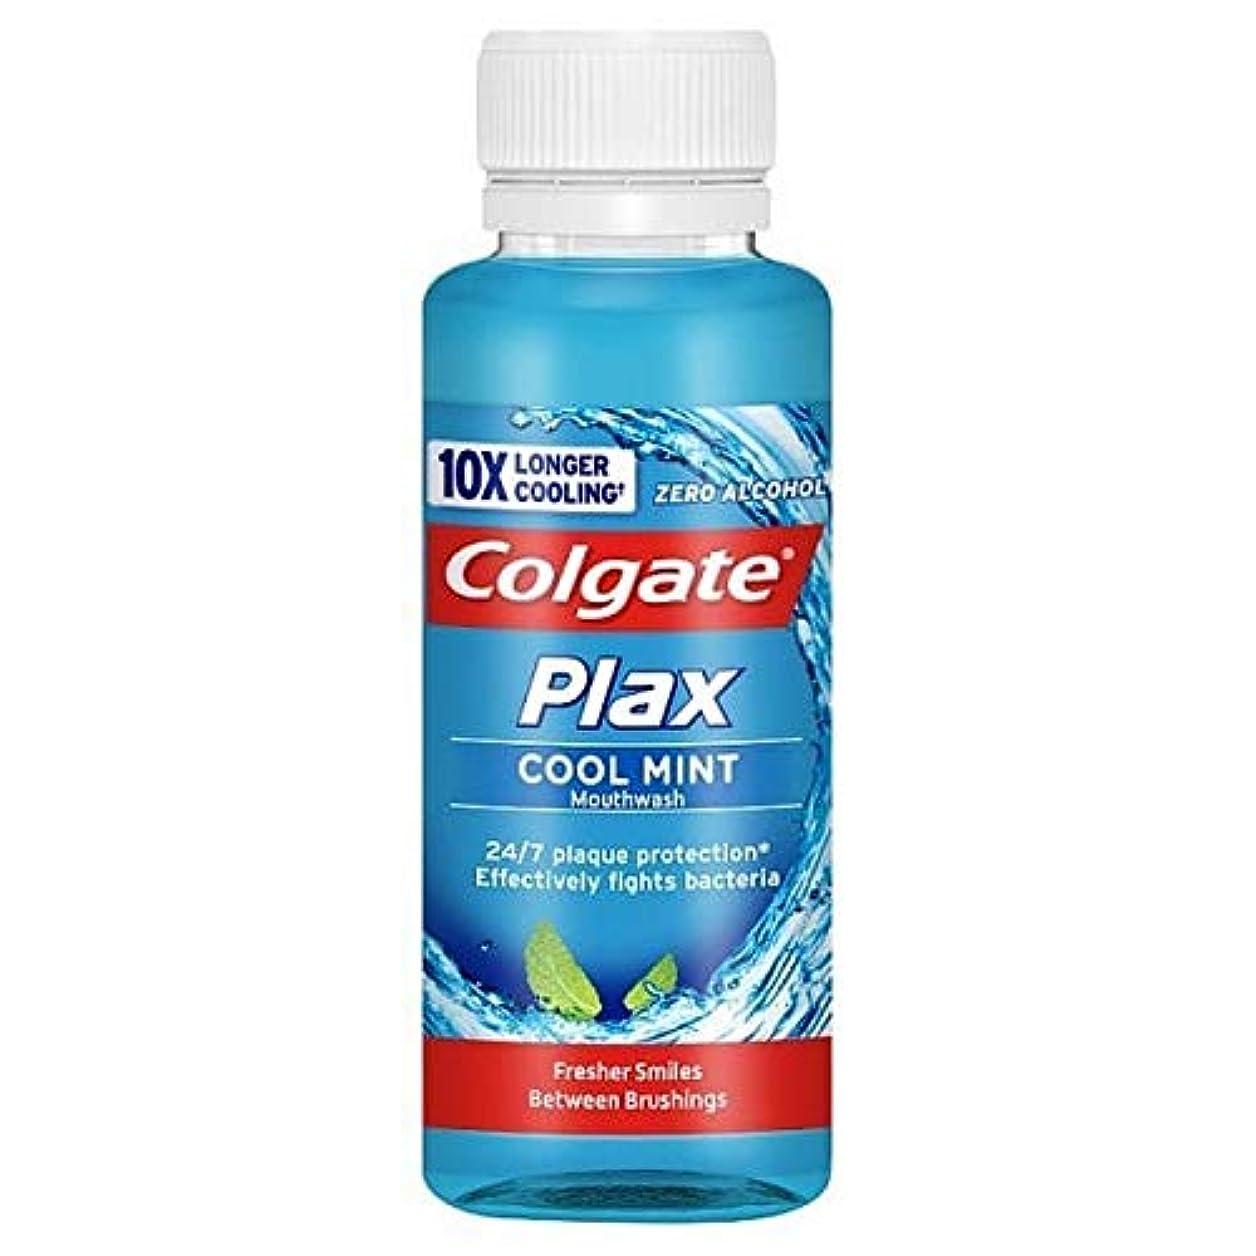 宣伝休眠分数[Colgate ] コルゲートPlaxクールミントゼロアルコールマウスウォッシュ100ミリリットル - Colgate Plax Cool Mint Zero Alcohol Mouthwash 100ml [並行輸入品]